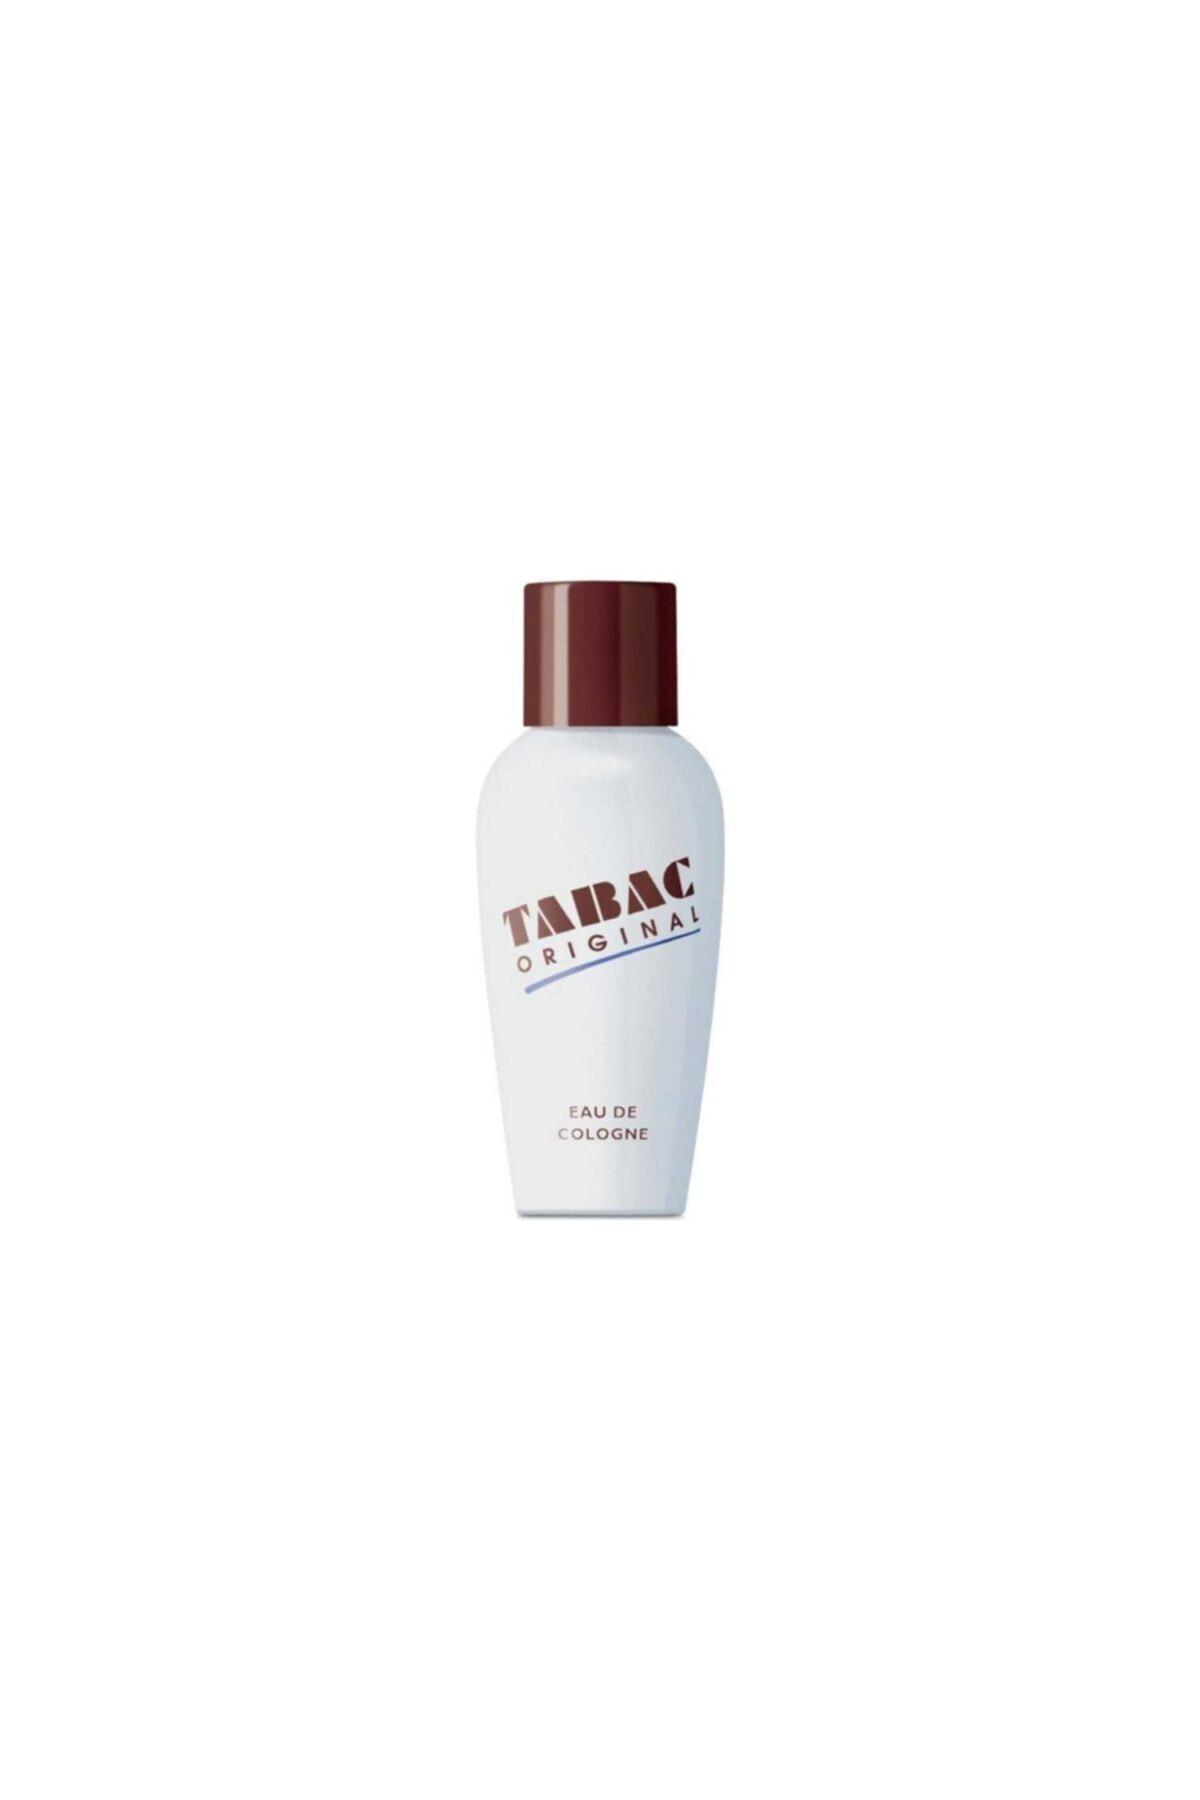 Tabac Original Edc 150ml Erkek Parfümü 2